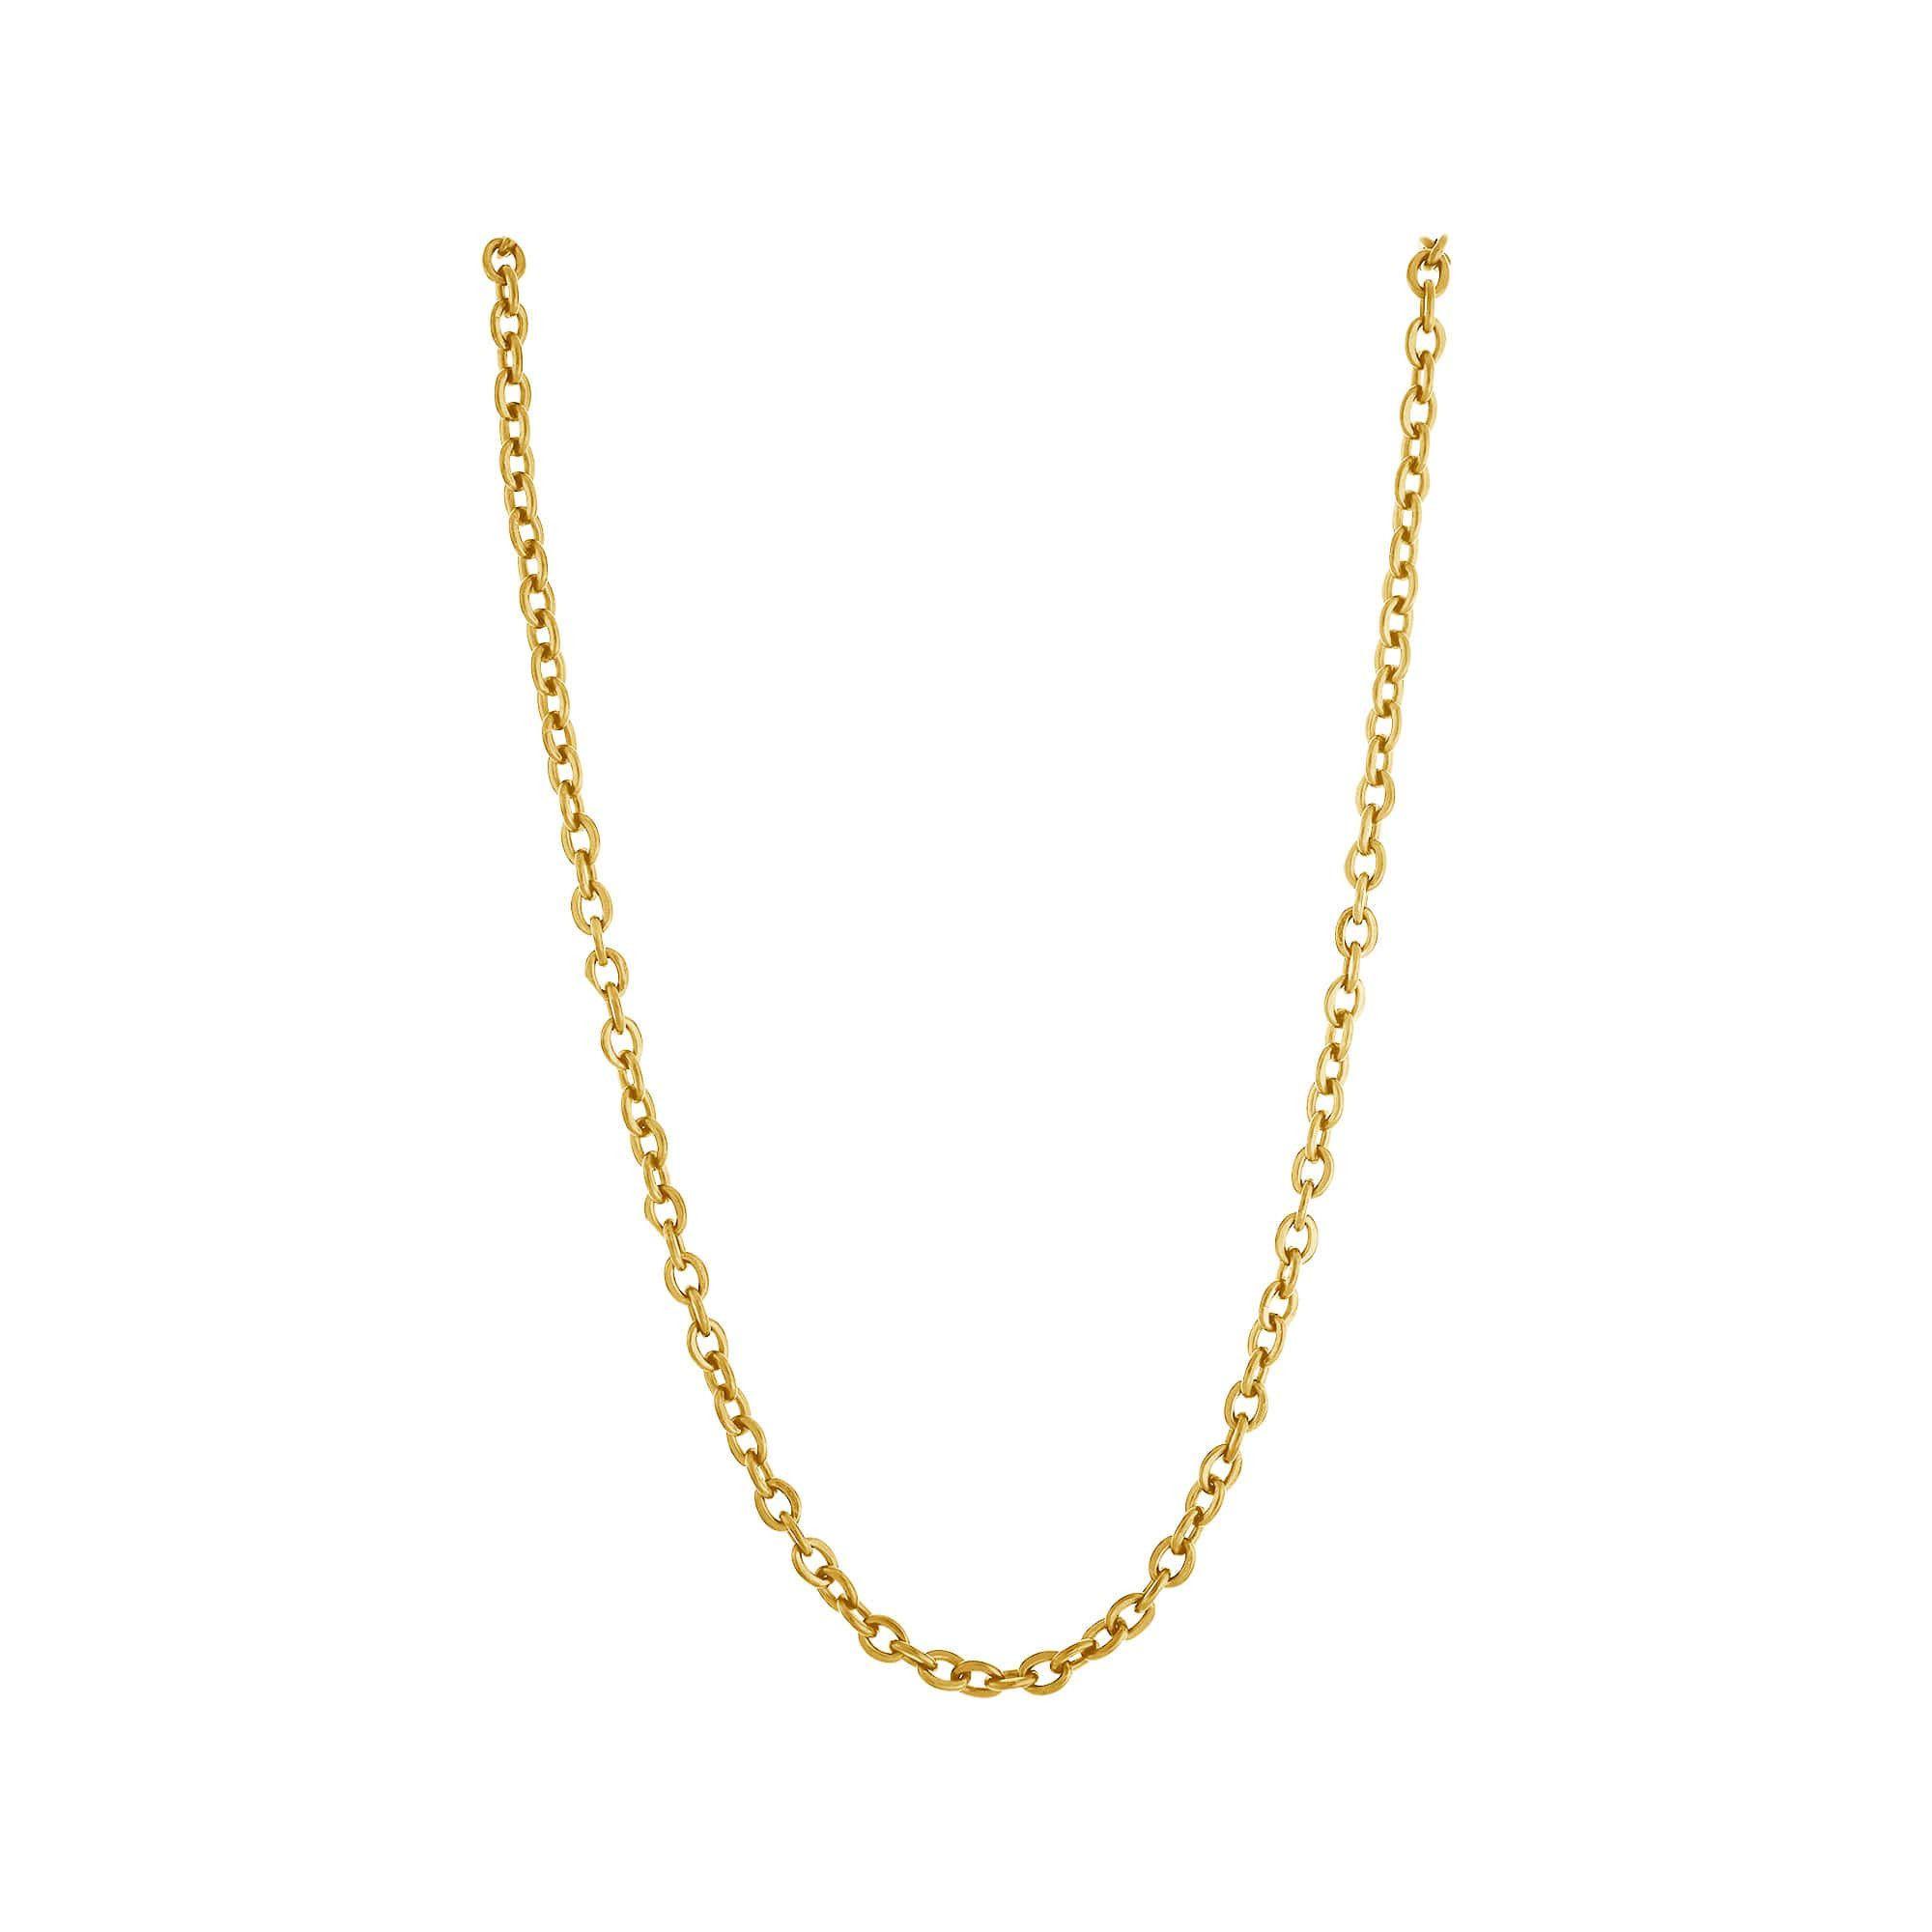 Corrente Aço Dourado (IPG) Cartier Elos Ovais 60cm Dourada 2830160